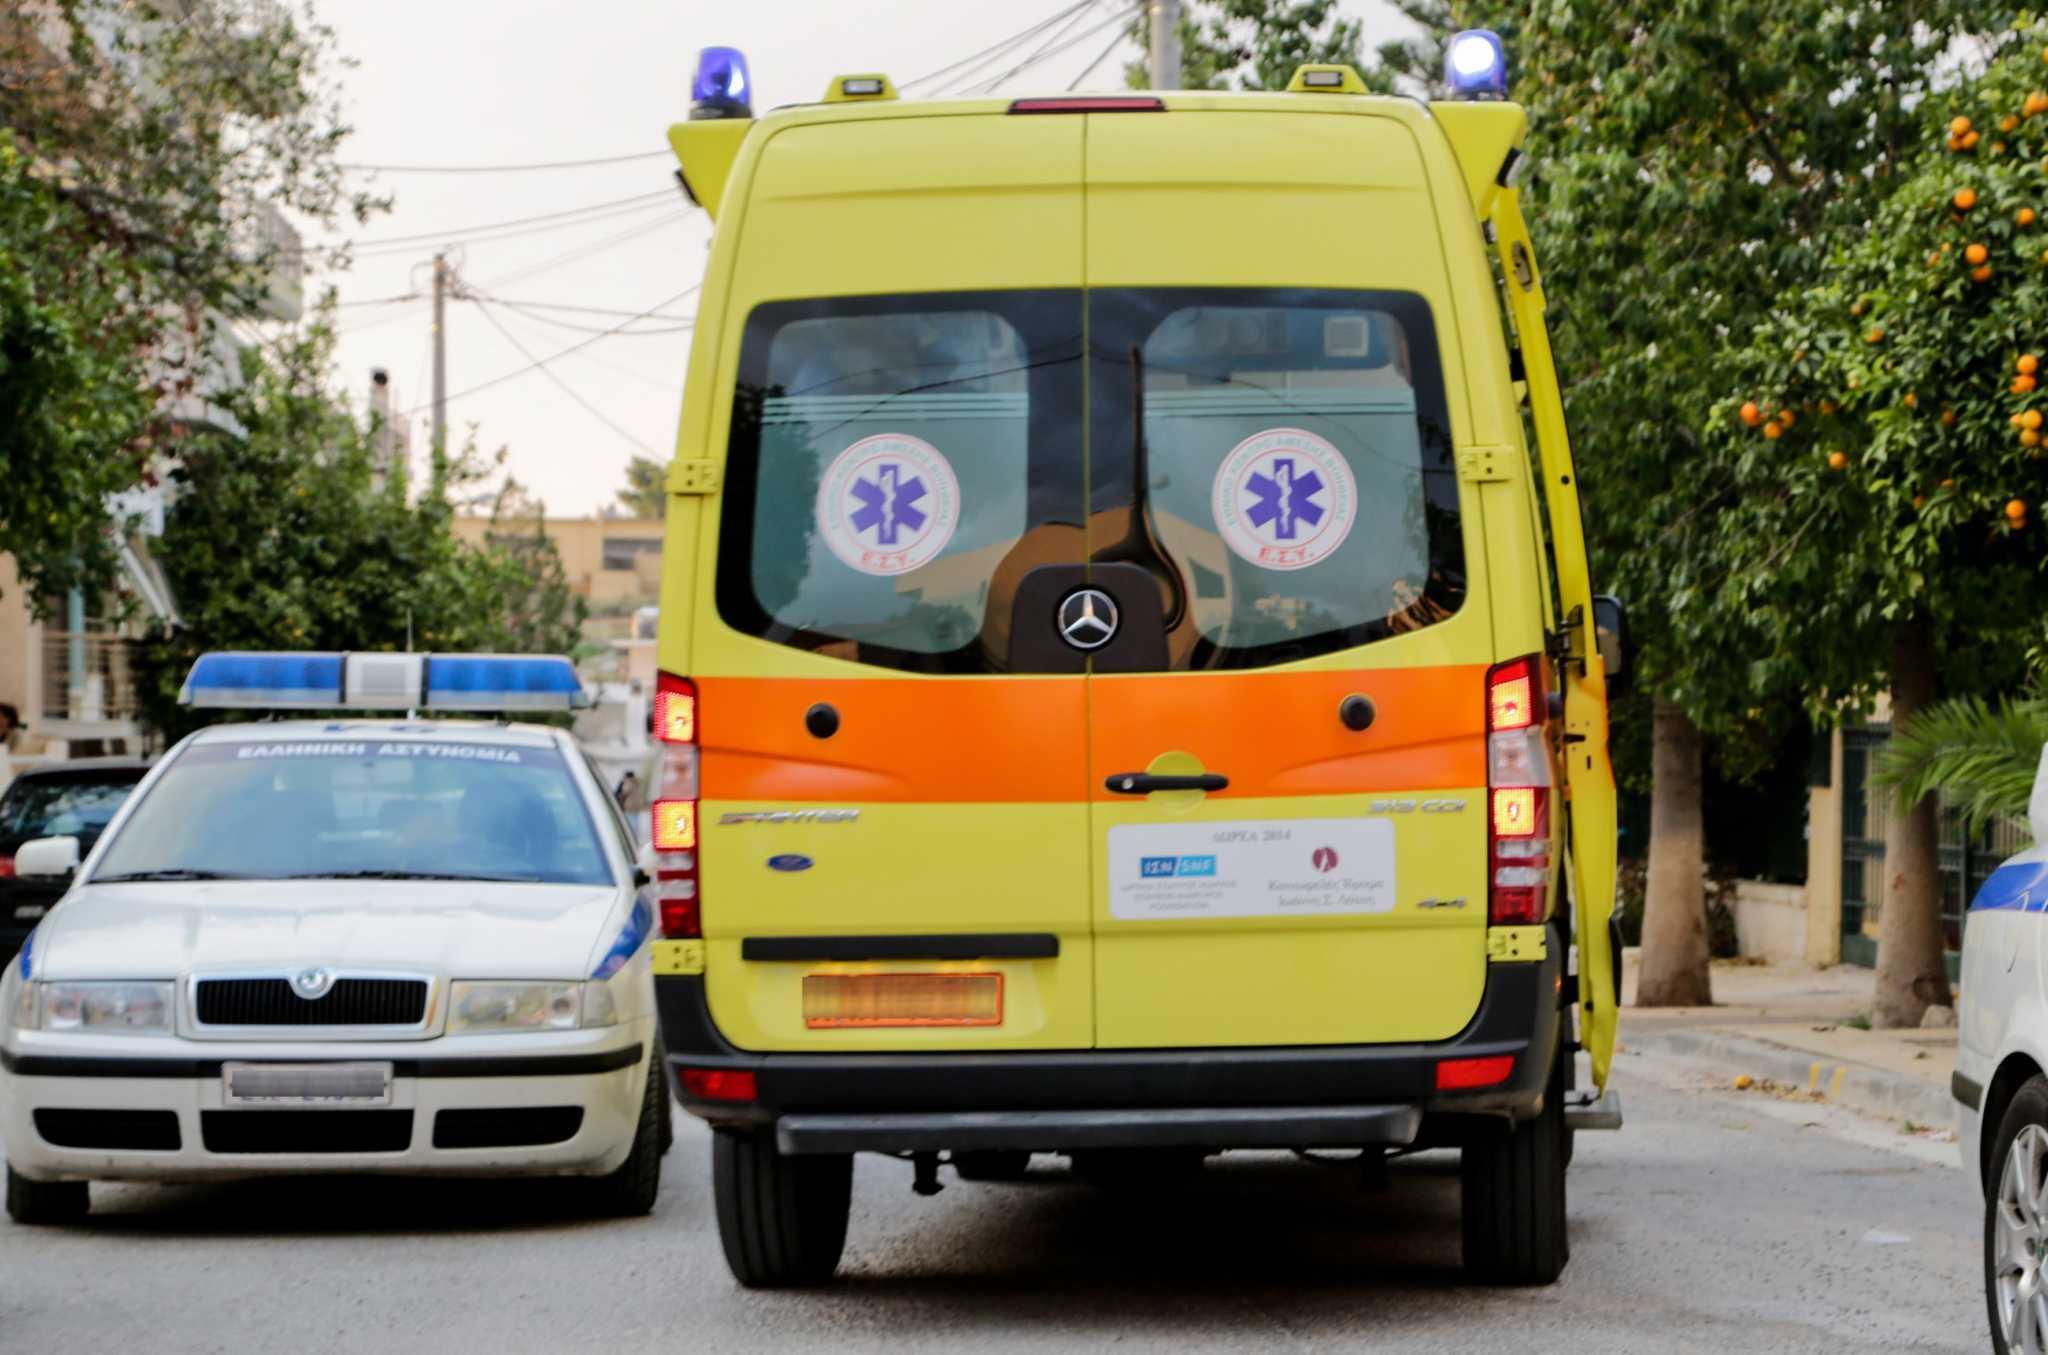 Διασωληνώθηκε μωράκι με σοβαρό τραύμα στο κεφάλι – Διακομίστηκε από τη Λαμία στην Αθήνα